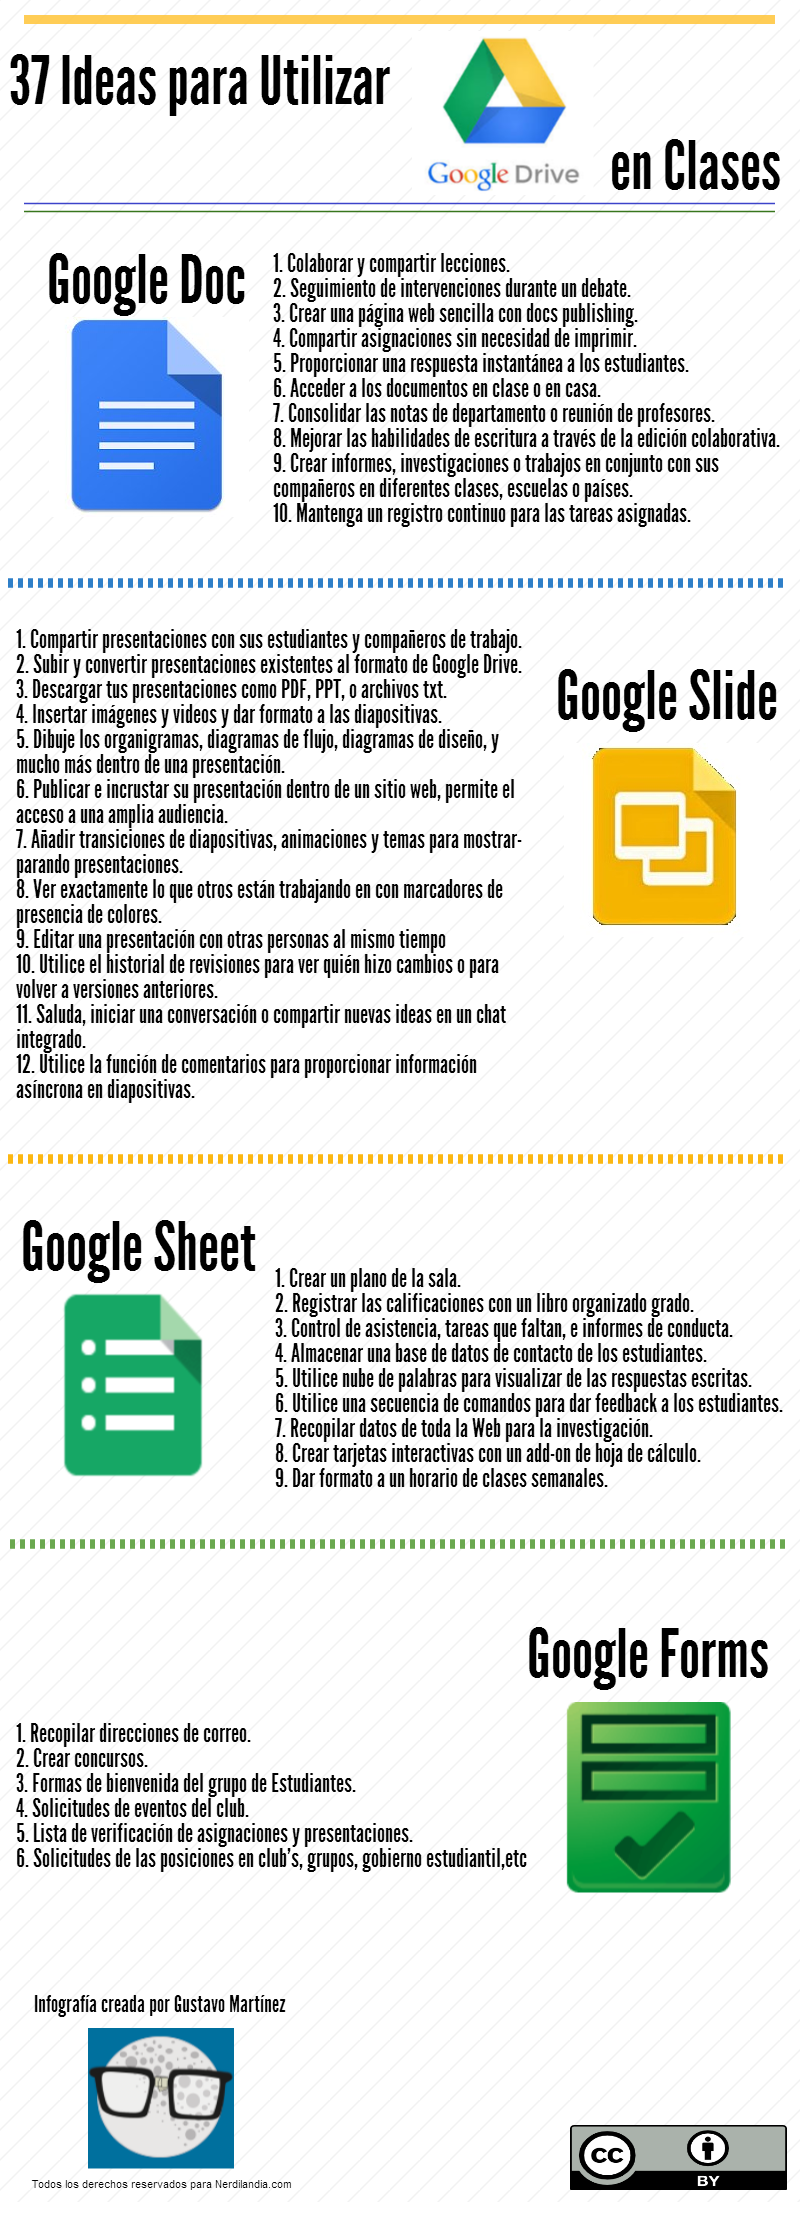 37 ideas para usar Google Drive en clase